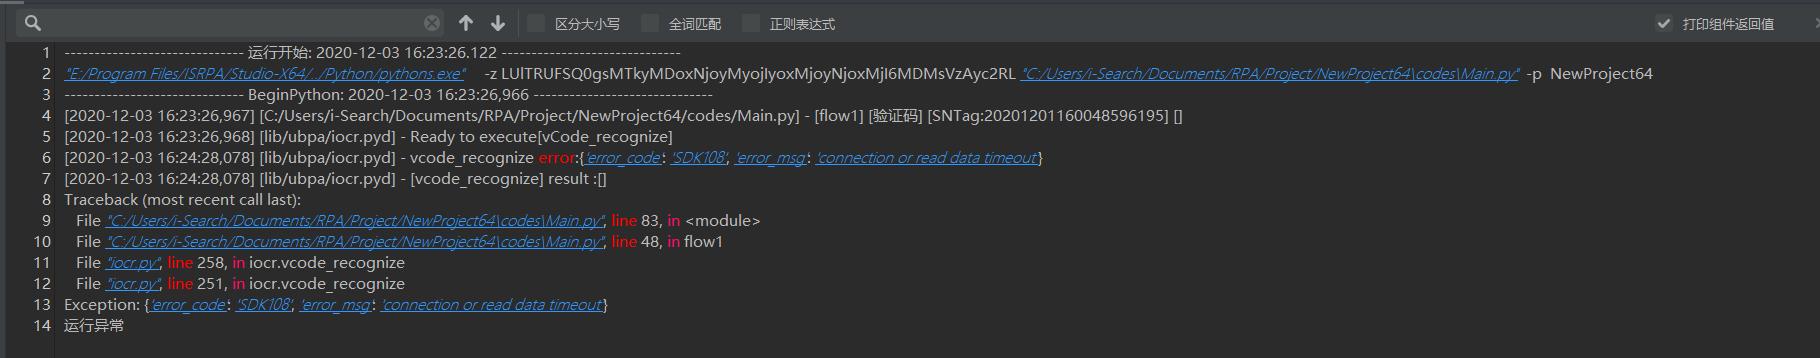 【验证码】组件异常 error_code:SDK108